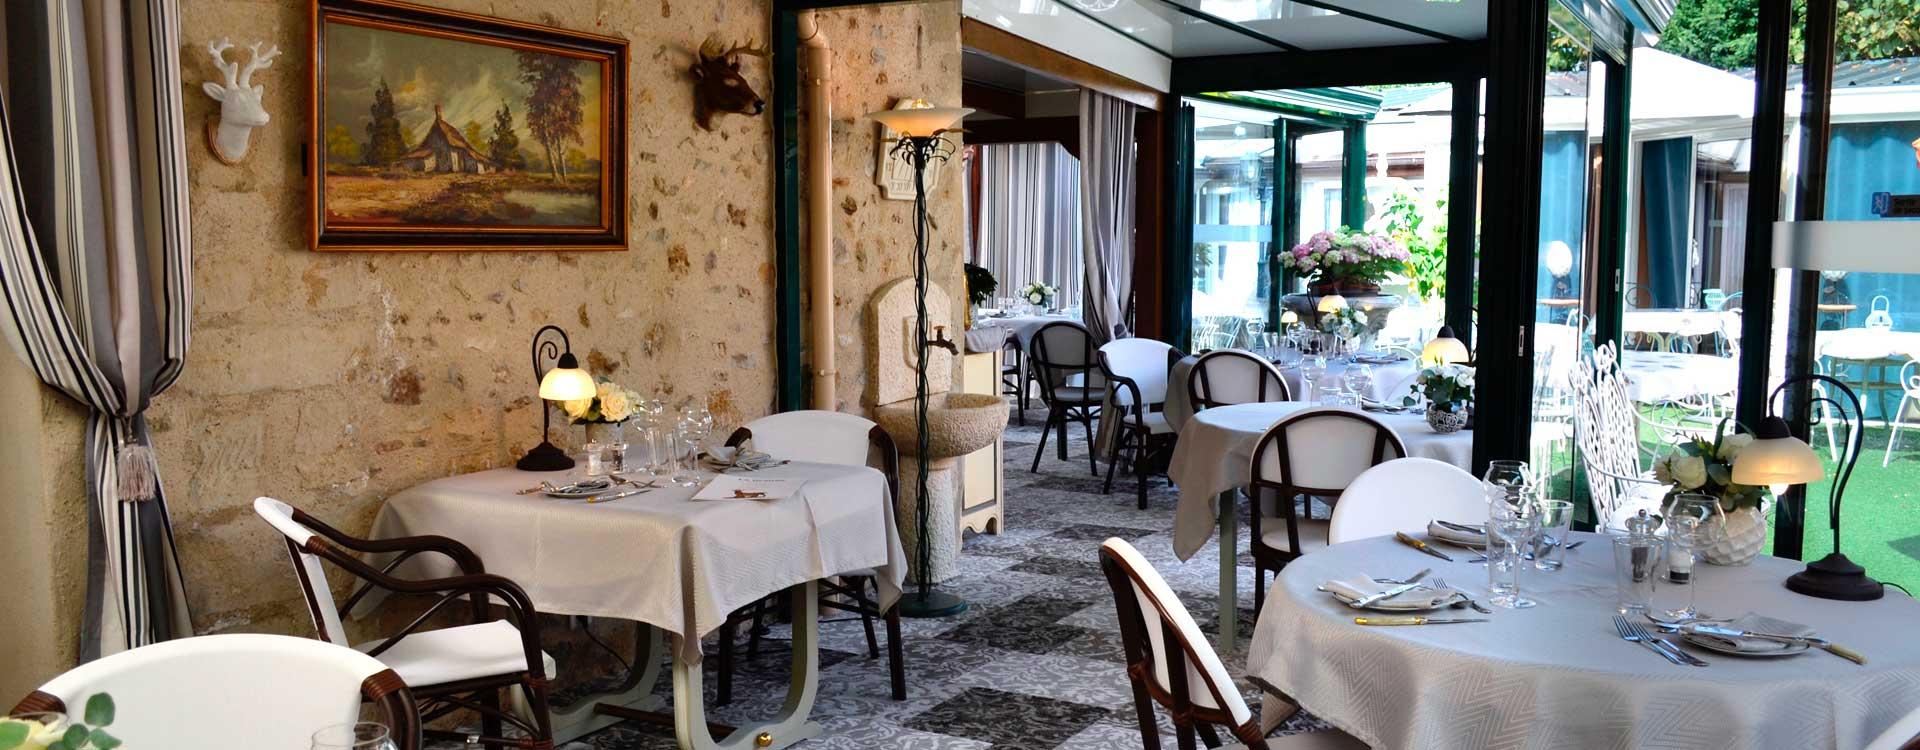 restaurant_laGrange-1